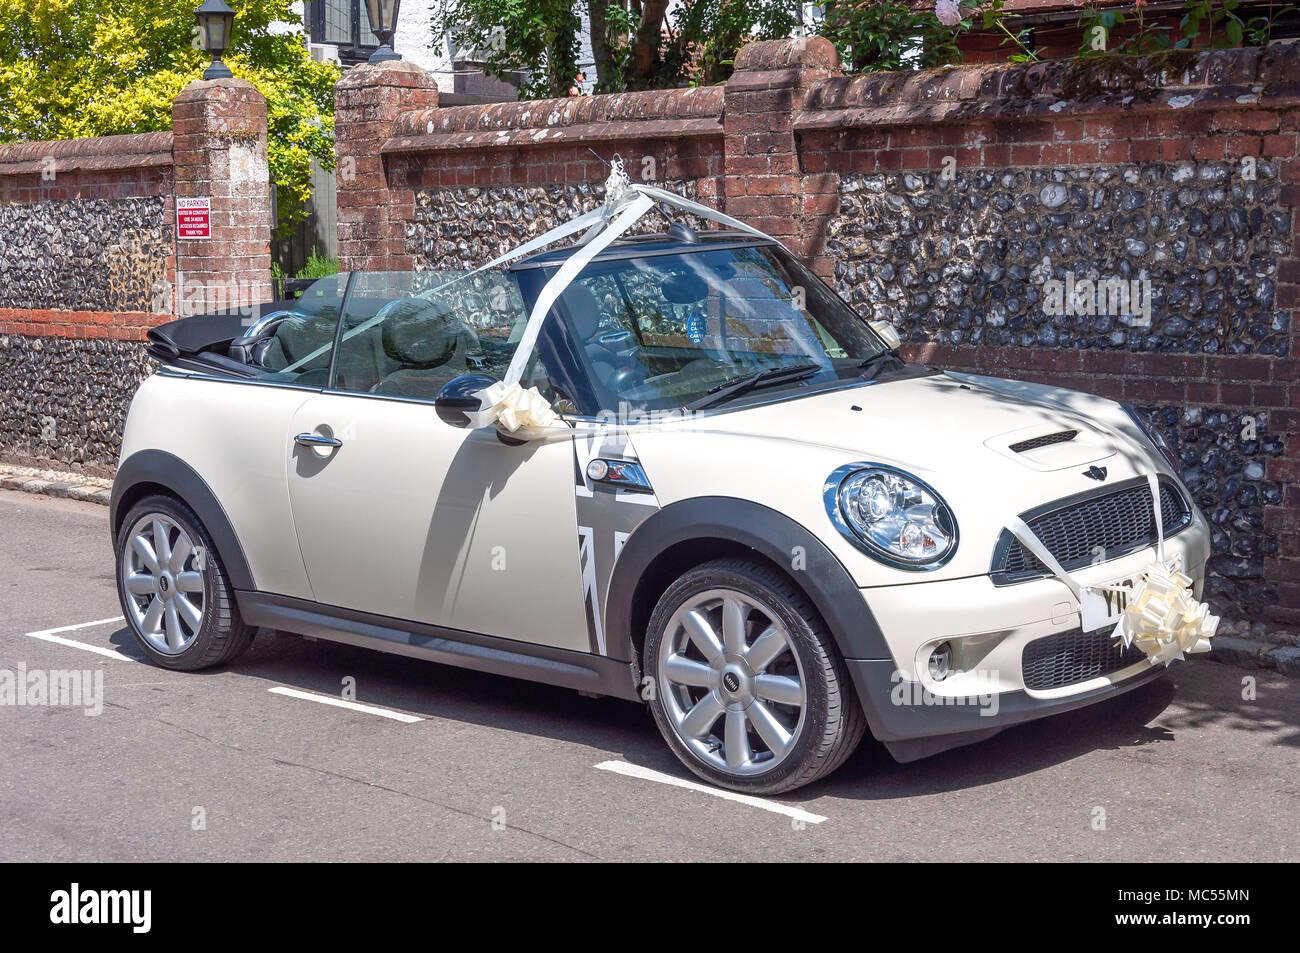 Un Mini Cooper S Convertible decorada como un coche de boda, High Street, Hurley, Berkshire, Inglaterra, Reino Unido Imagen De Stock